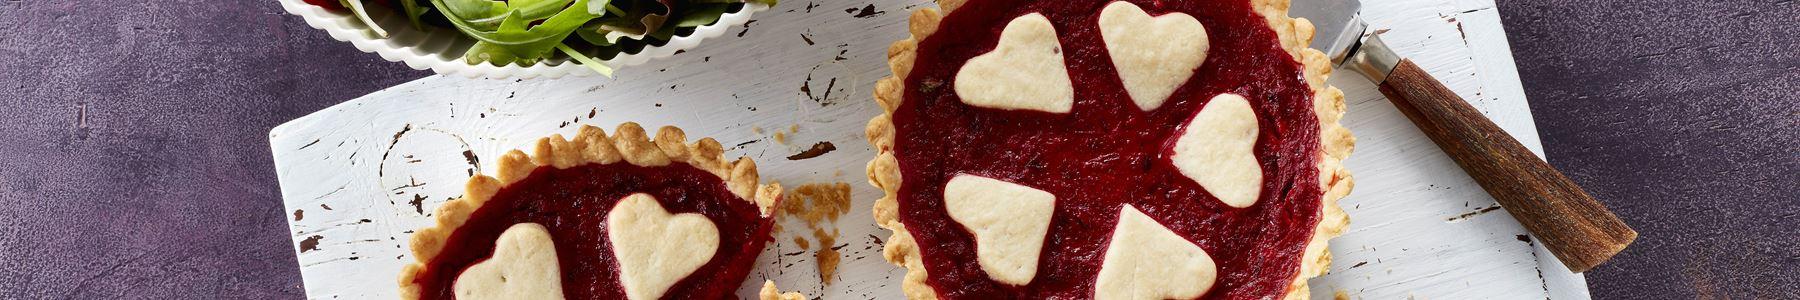 Valentinsdag + Tærter